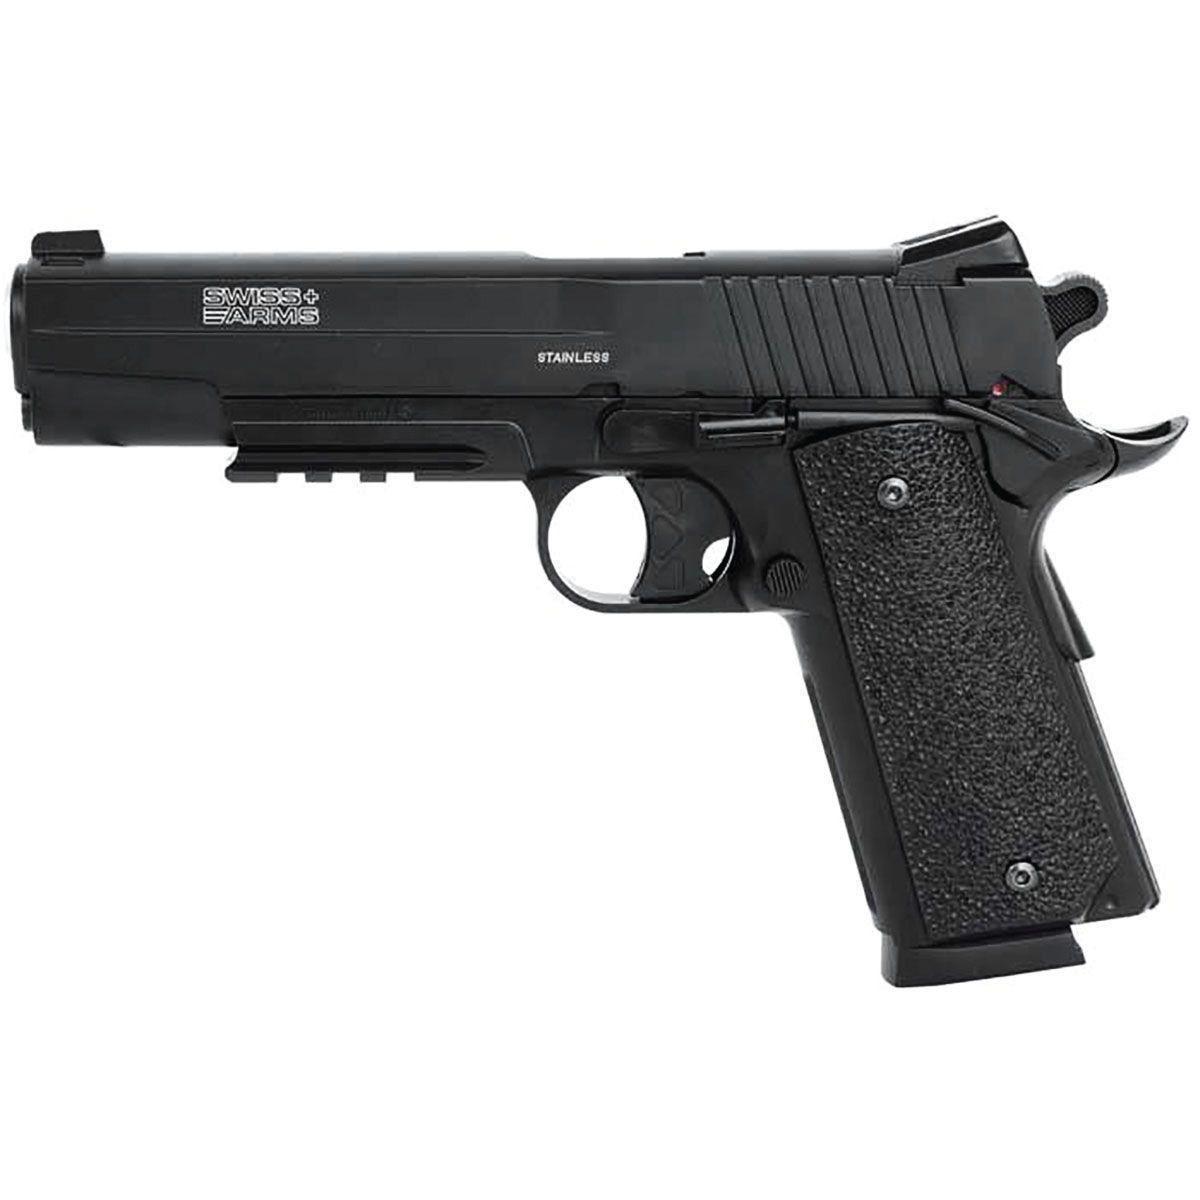 Pistola de Pressão SWISS ARMS CO2 SA 1911 4,5MM Mostruário + Cilindro